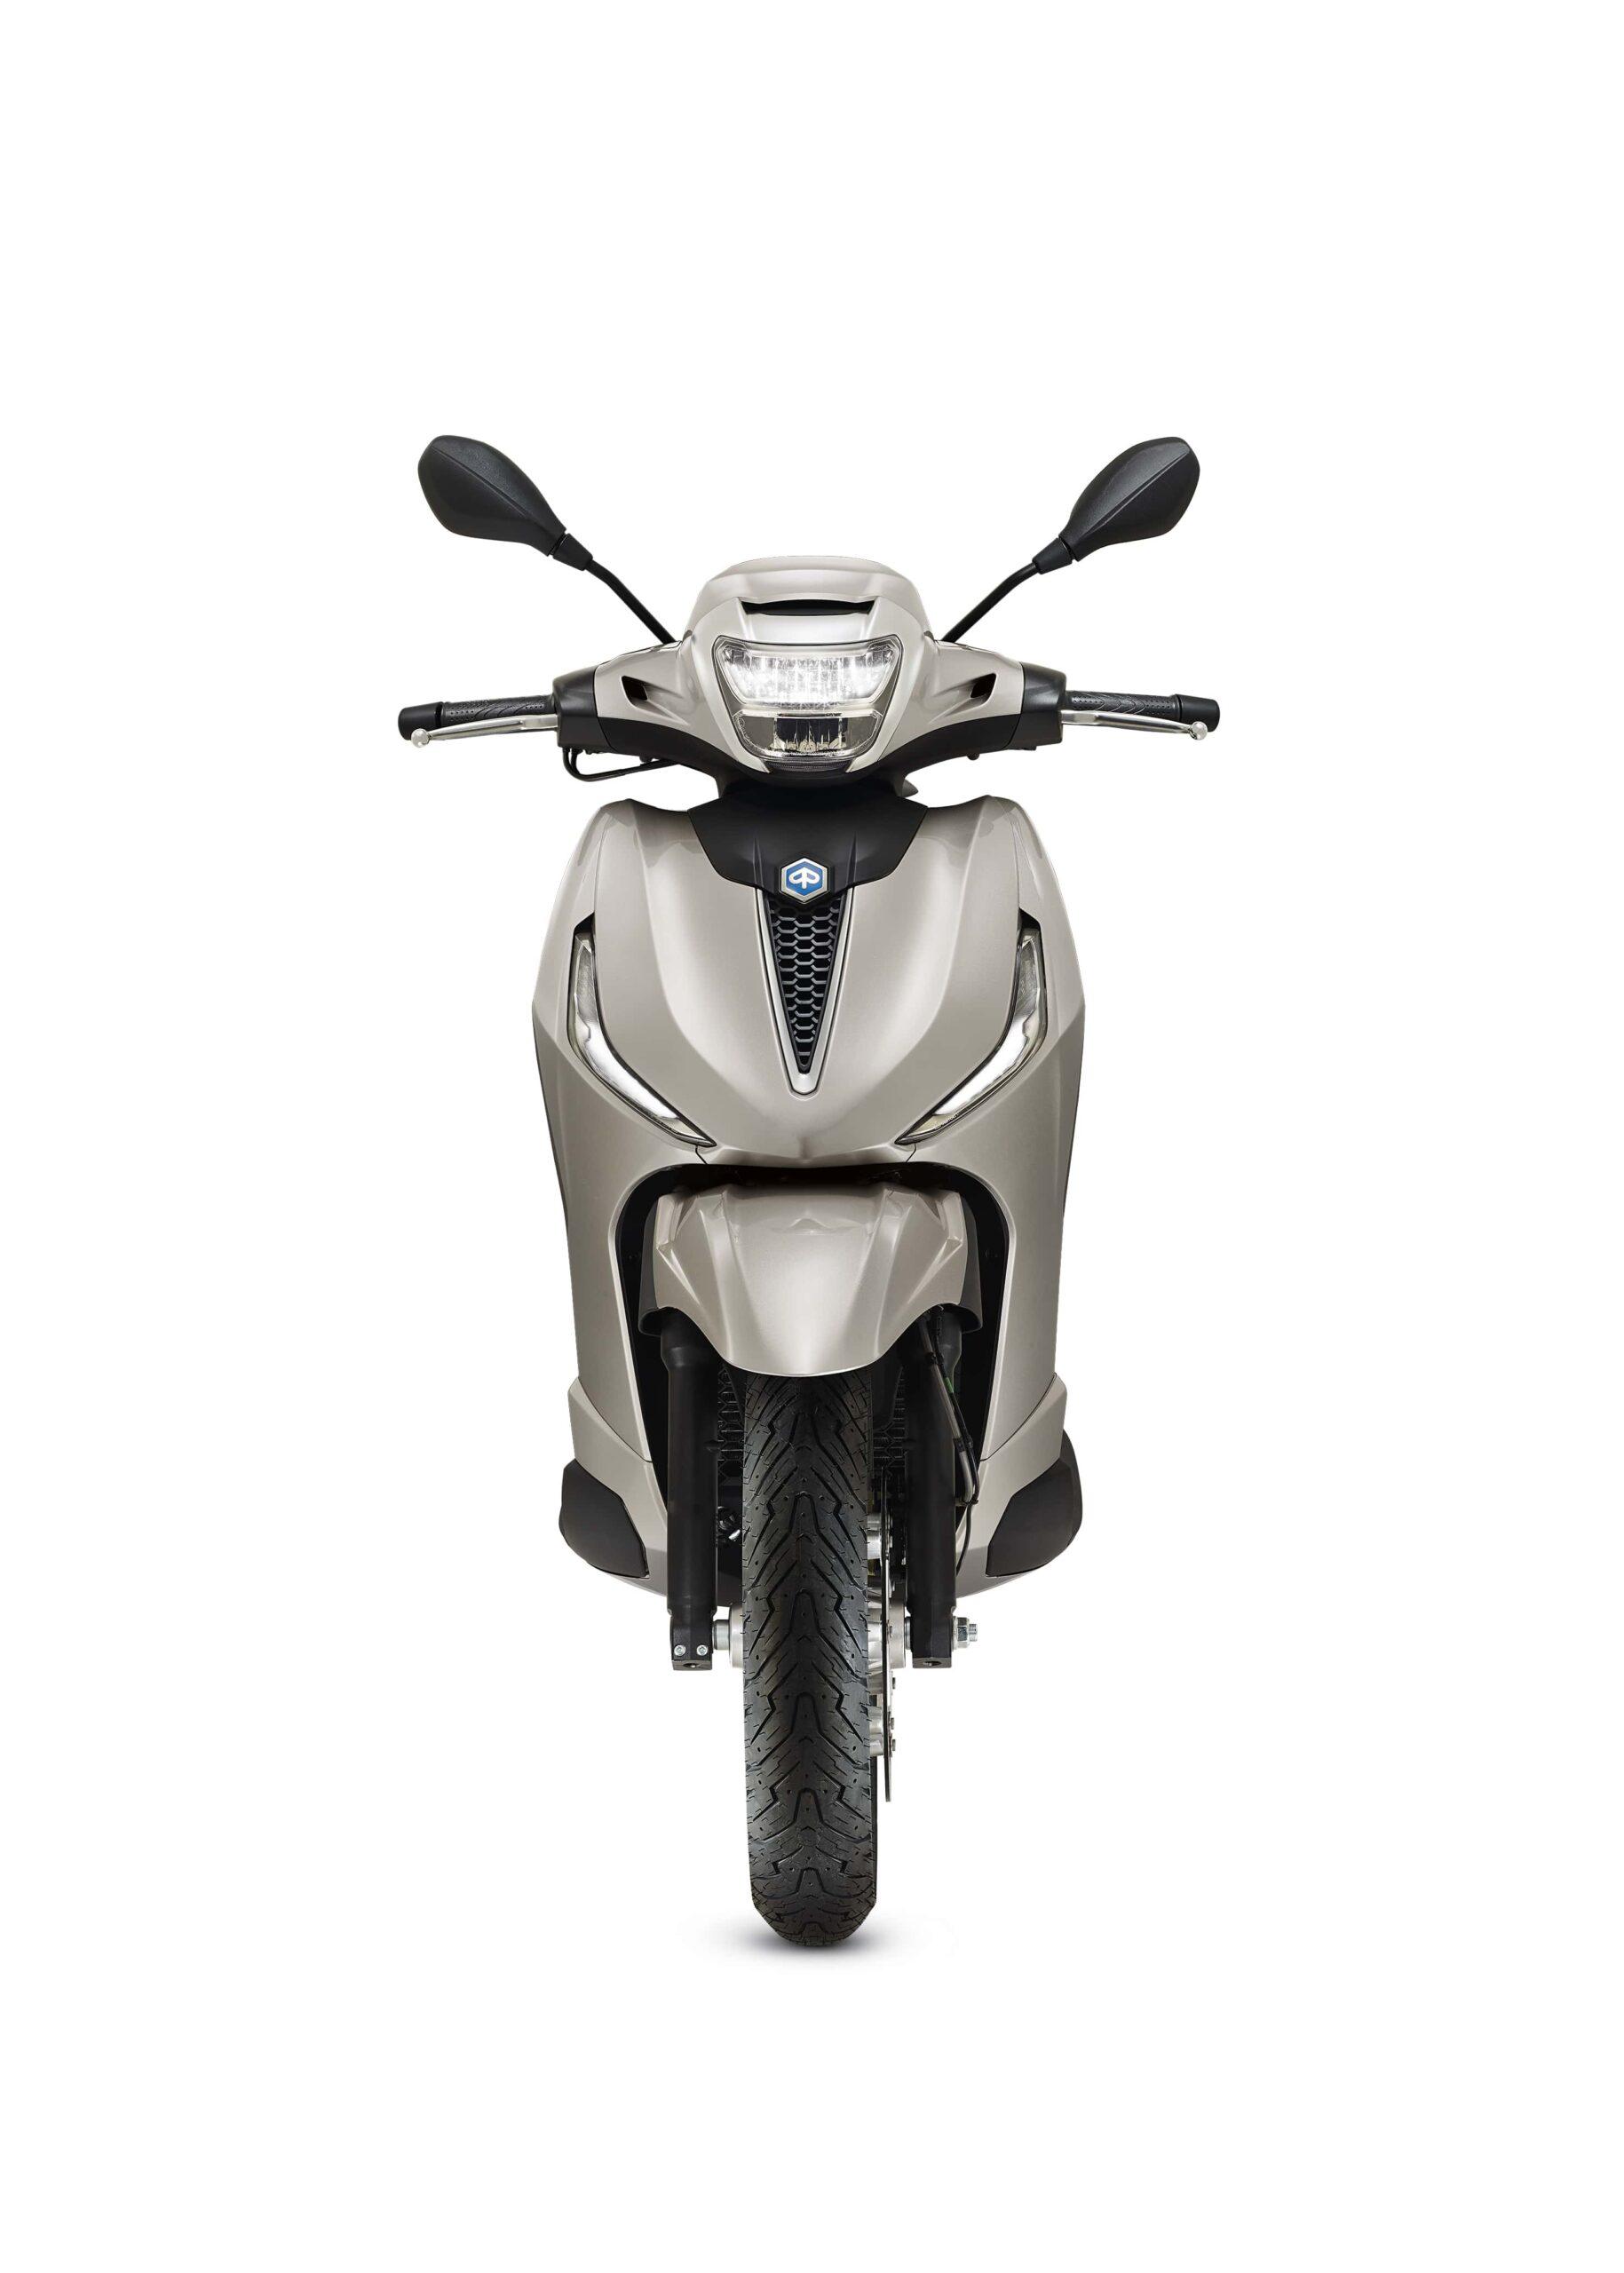 03 Piaggio Beverly 300 hpe 2021